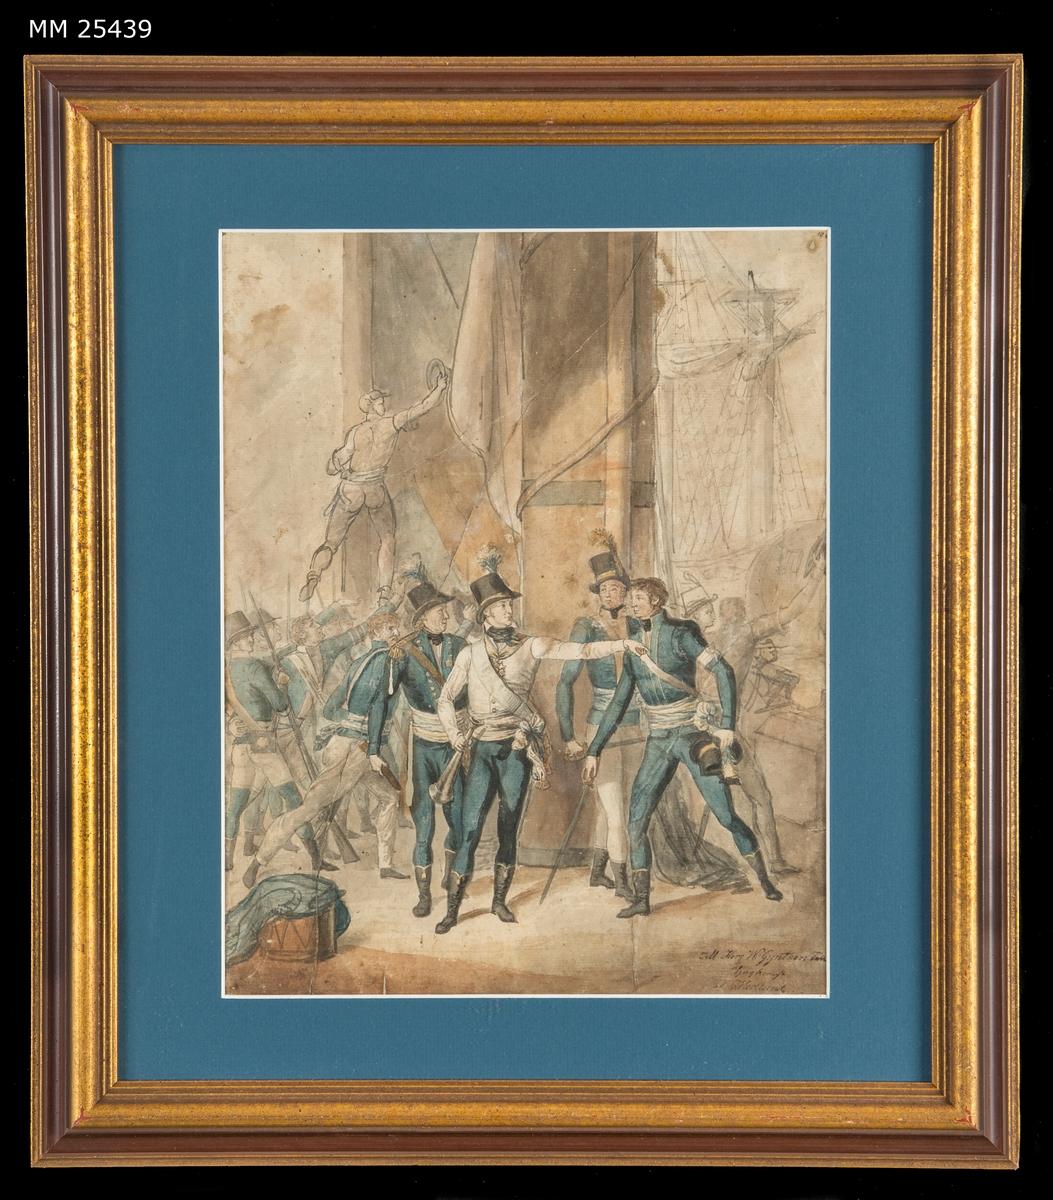 Akvarell som visar hertig Karl (sedermera Karl XIII) på ett fartygsdäck under slaget vid Hogland år 1788. Hertigen är klädd i vit uniformsjacka med blå byxor och hatt med plym, han pekar med högerhanden och håller en ropare i vänsterhanden. Runt honom står tre officerare med blå uniformer och bakom dem syns en av fartygets master. I bakgrunden syns svenska soldater och sjömän med bajonettförsedda musköter. I förgrunden ligger en trumma på däck.  Målningen är inramad i en guldmålad profilerad ram och försedd med blå passepartout.